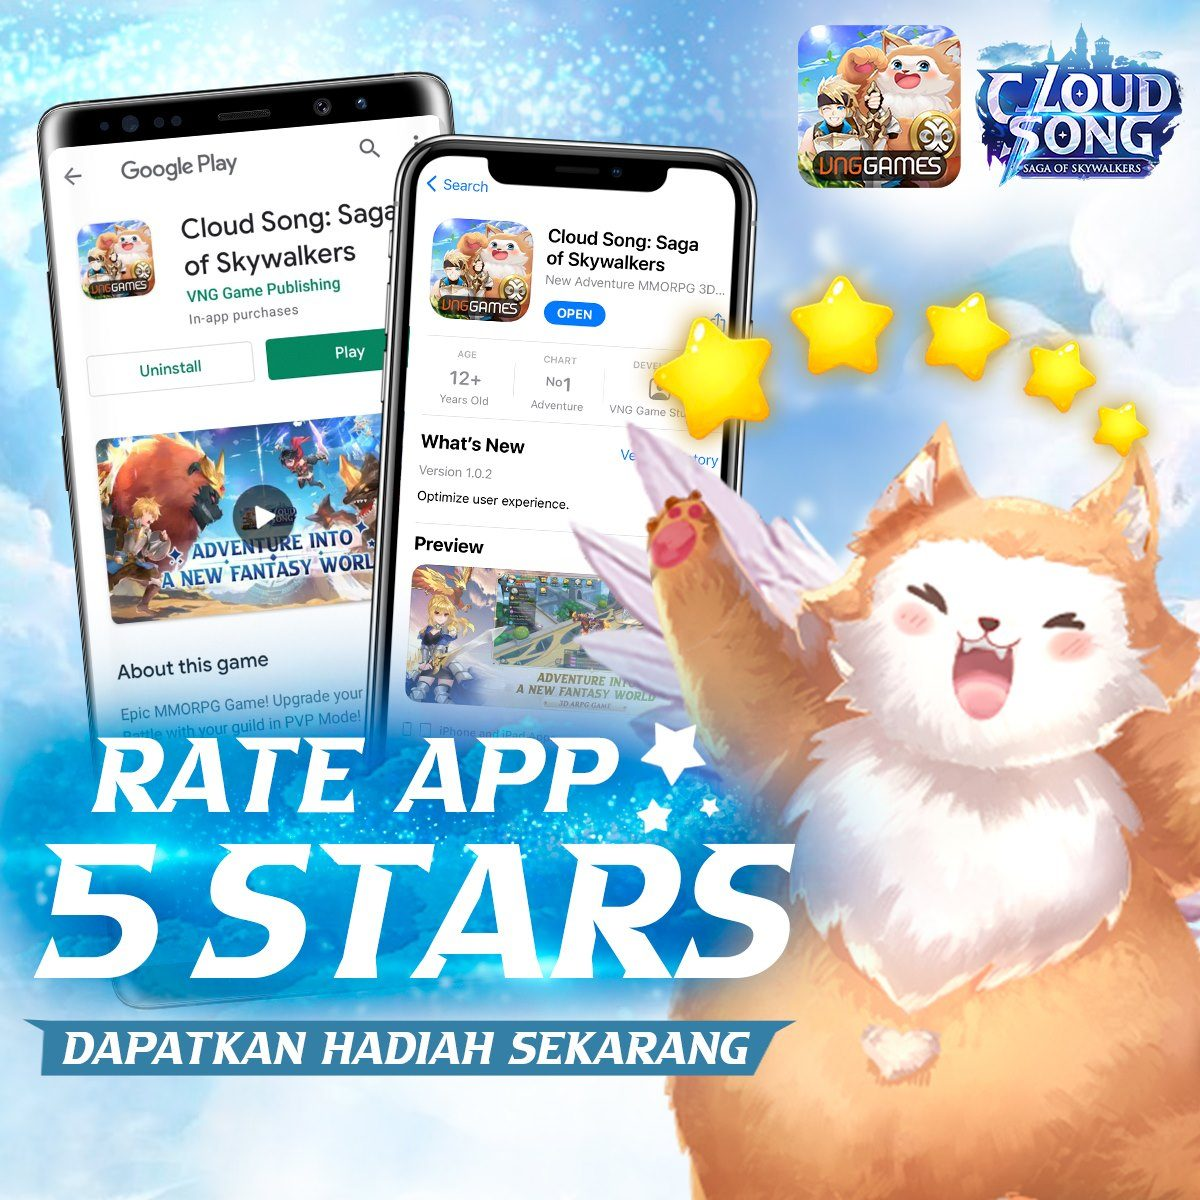 Penjelasan Event Pembukaan dan Perilisan MMORPG Mobile Cloud Song, Beserta Giftcode!